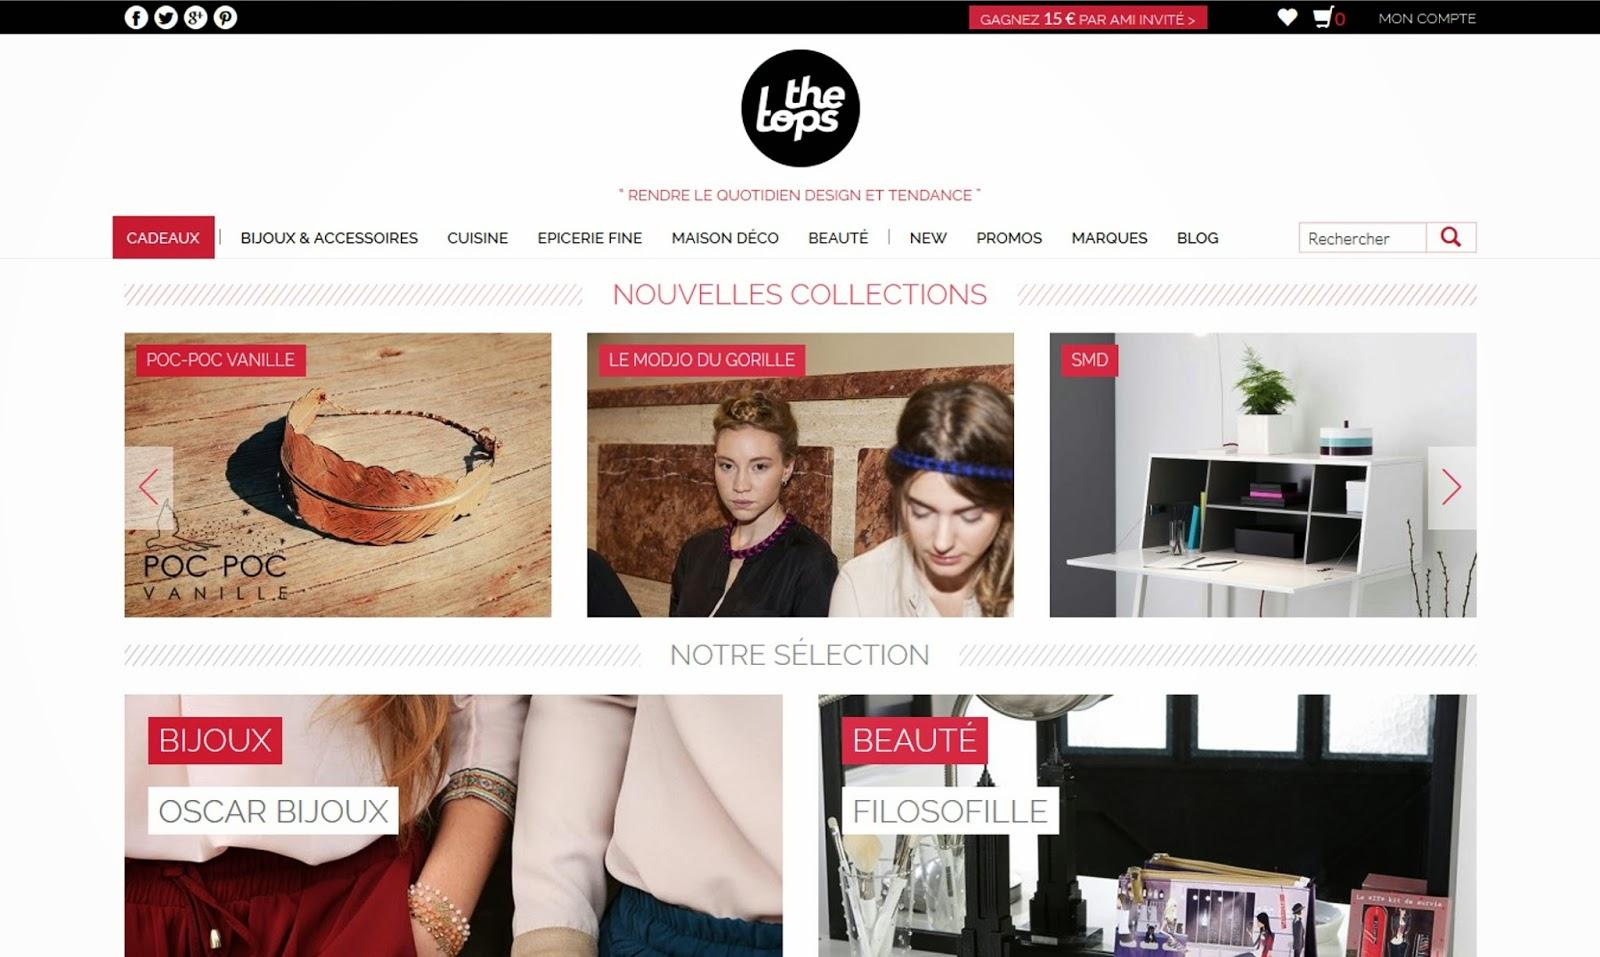 Site Web The Tops, concept store on-line bijoux accessoires epicerie fine maison déco beauté cuisine